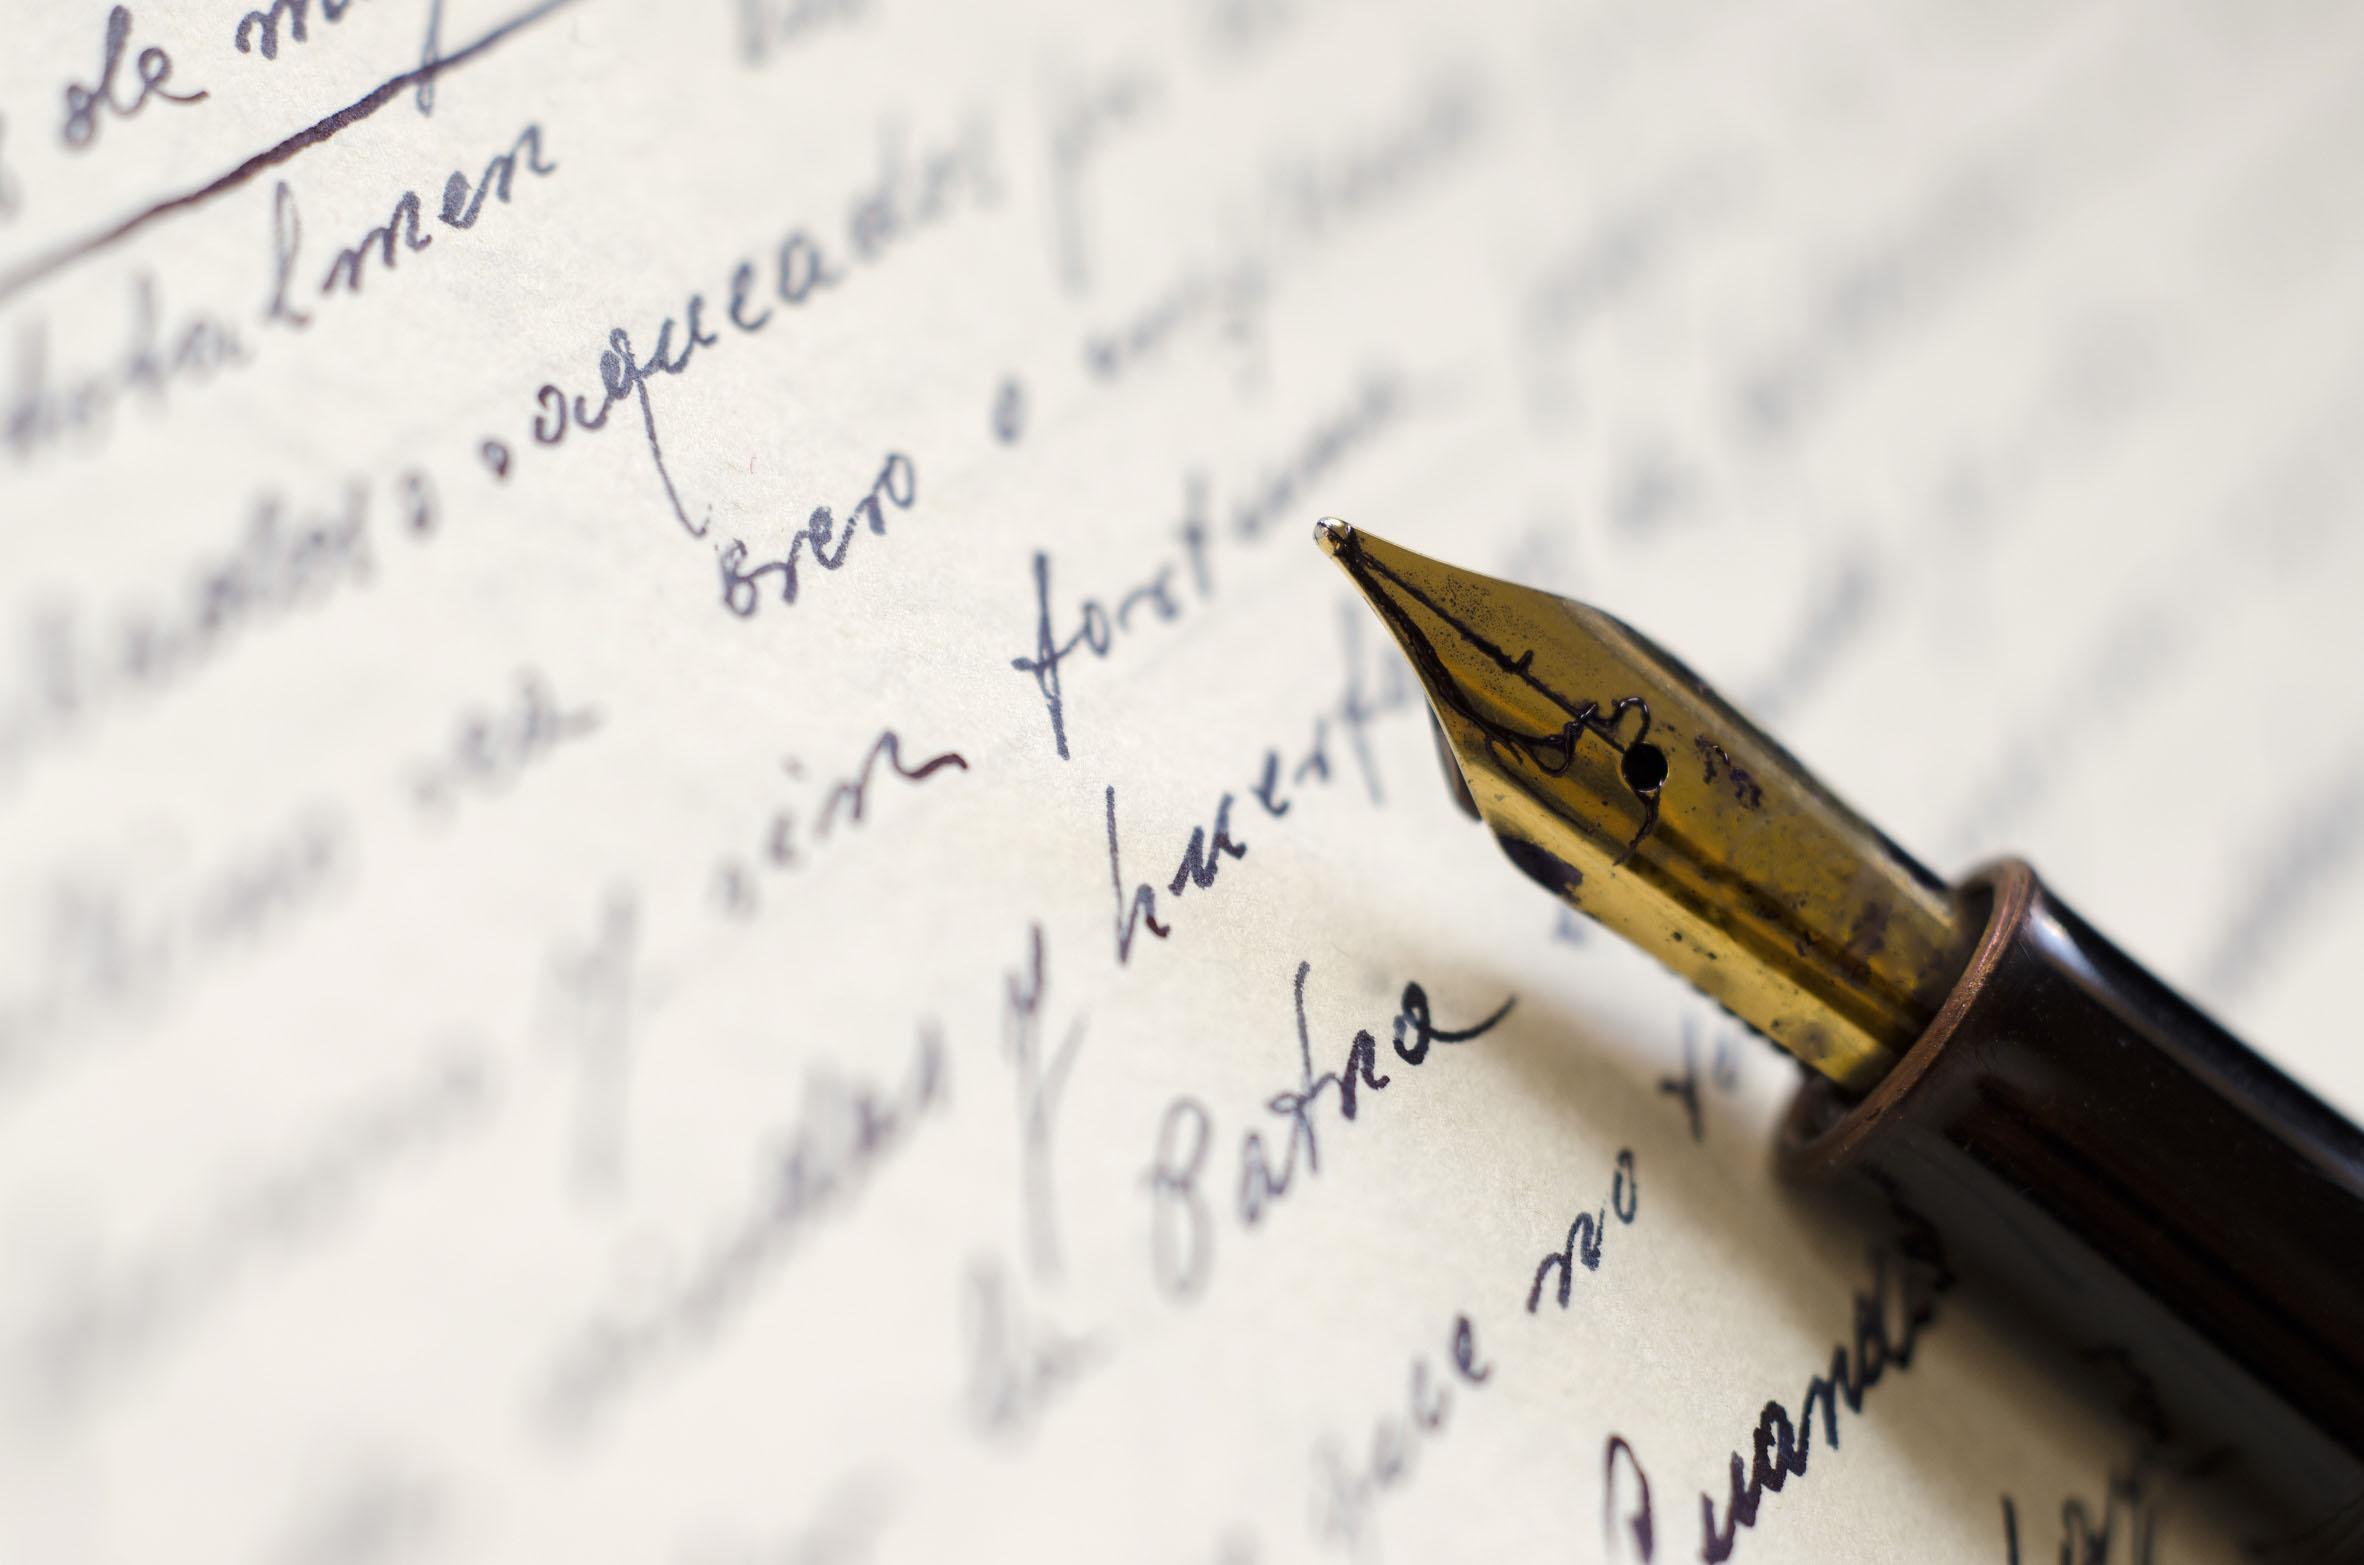 Briefe Mit Der Hand Schreiben : Gute gründe mit der hand zu schreiben